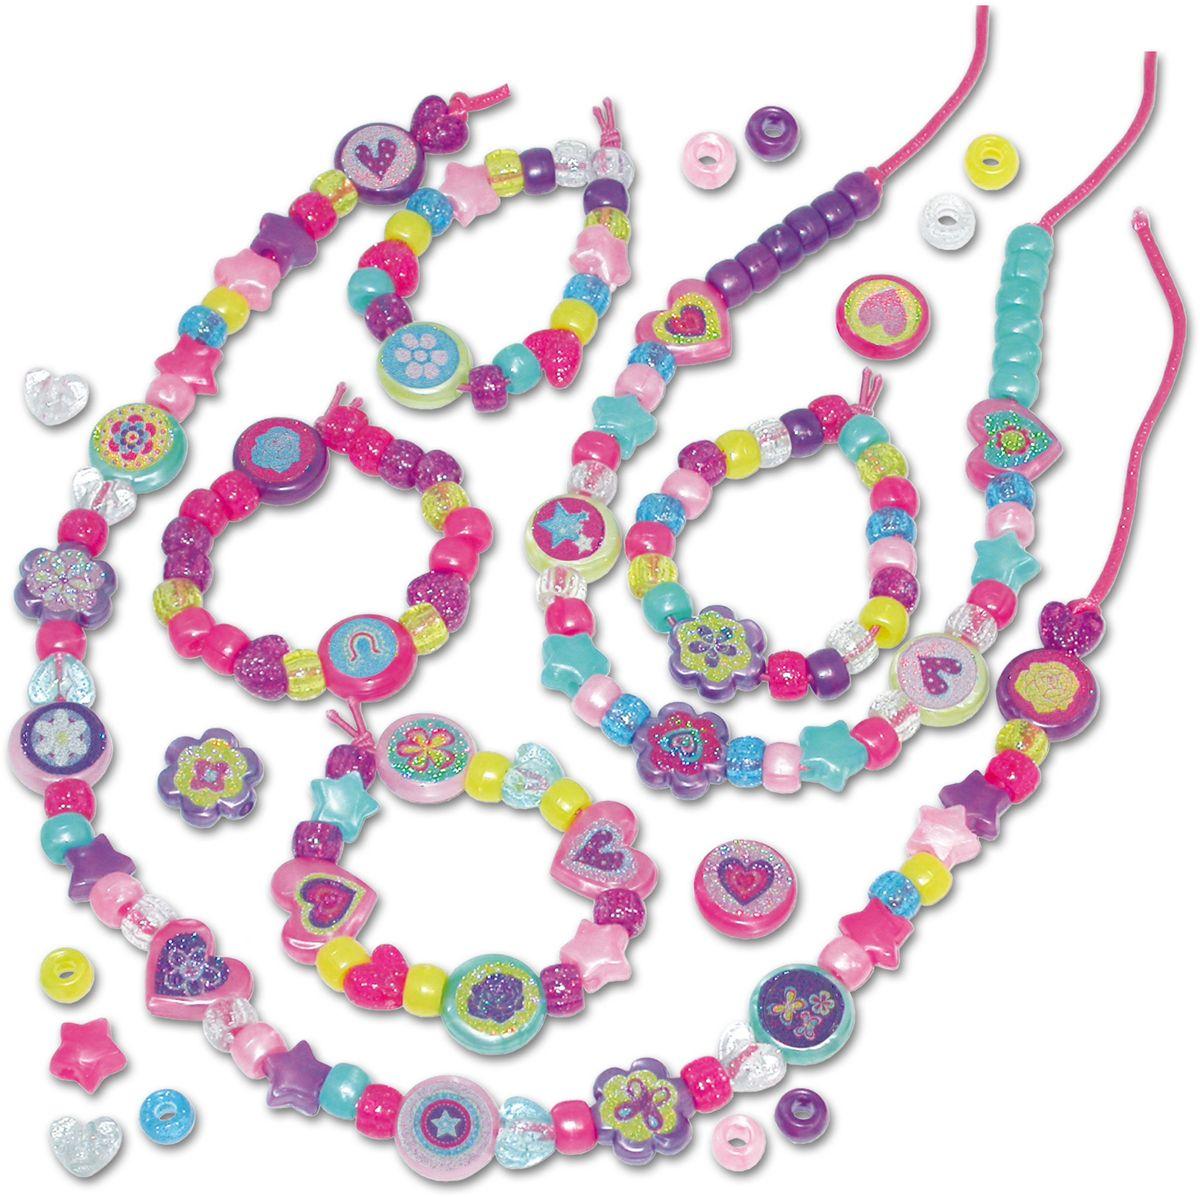 Galt Набор для создания украшений Переливающиеся бусы и браслеты игровой набор карусель для создания украшений из бусинок lalaloopsy